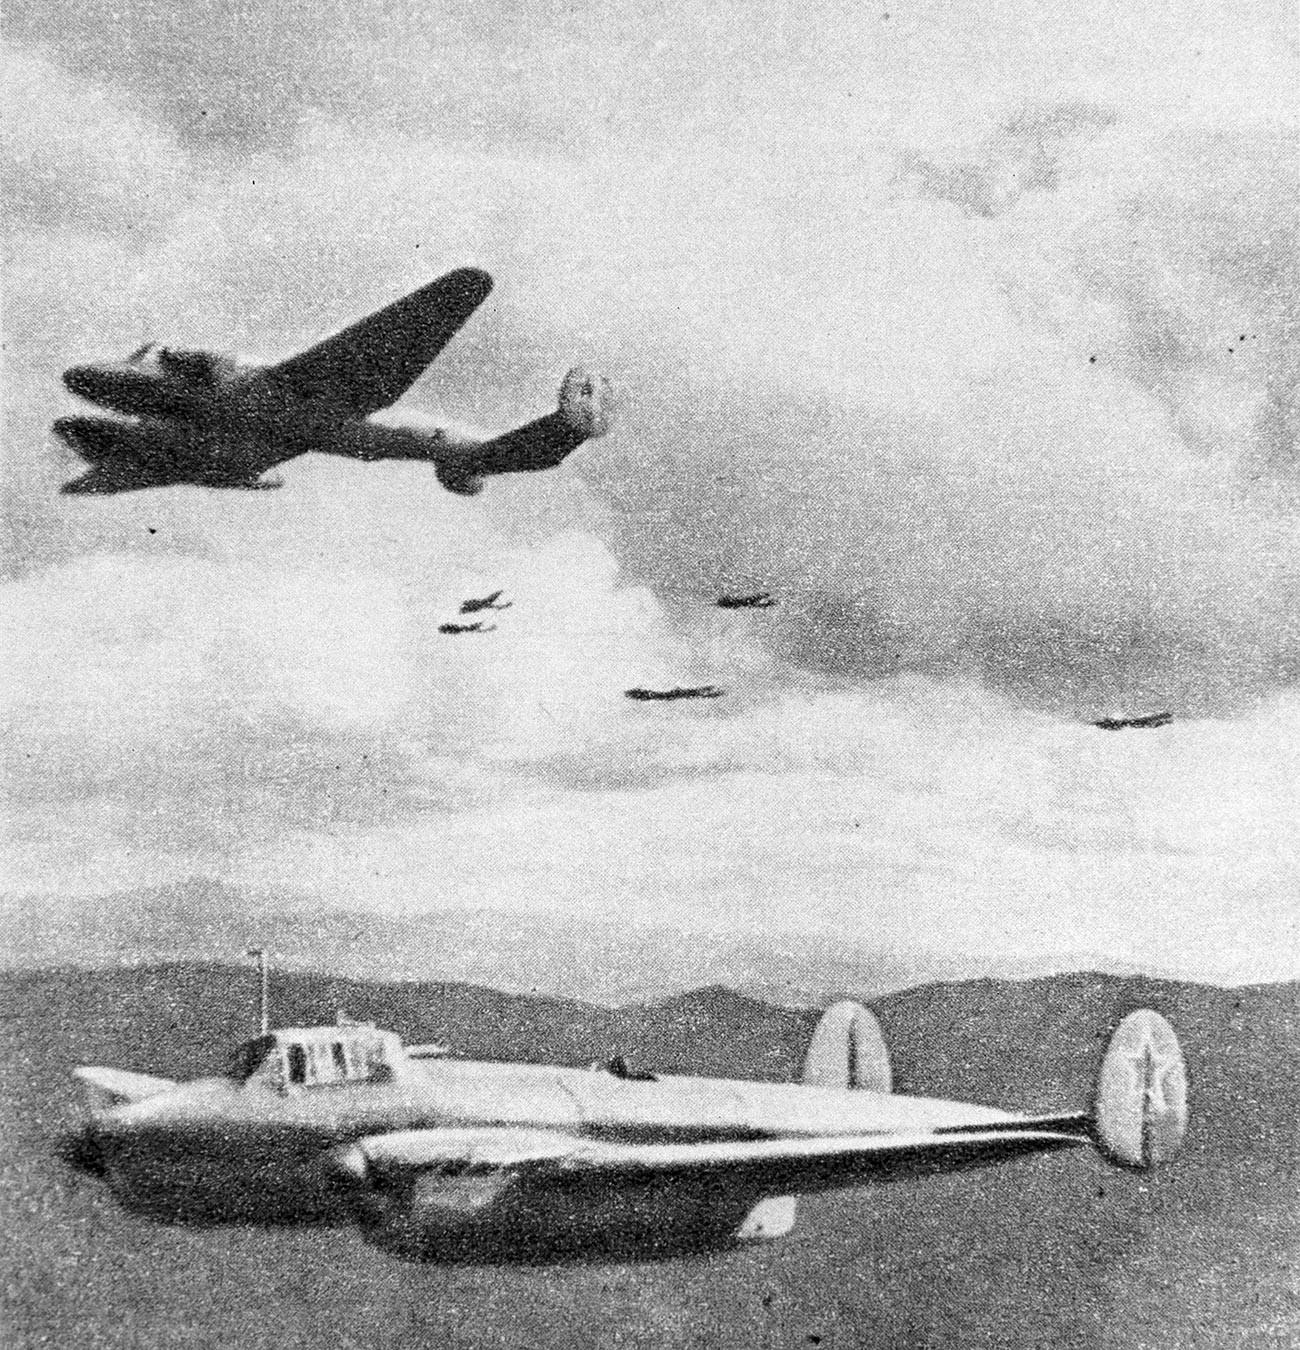 Bomboer Soviet di Tiongkok.